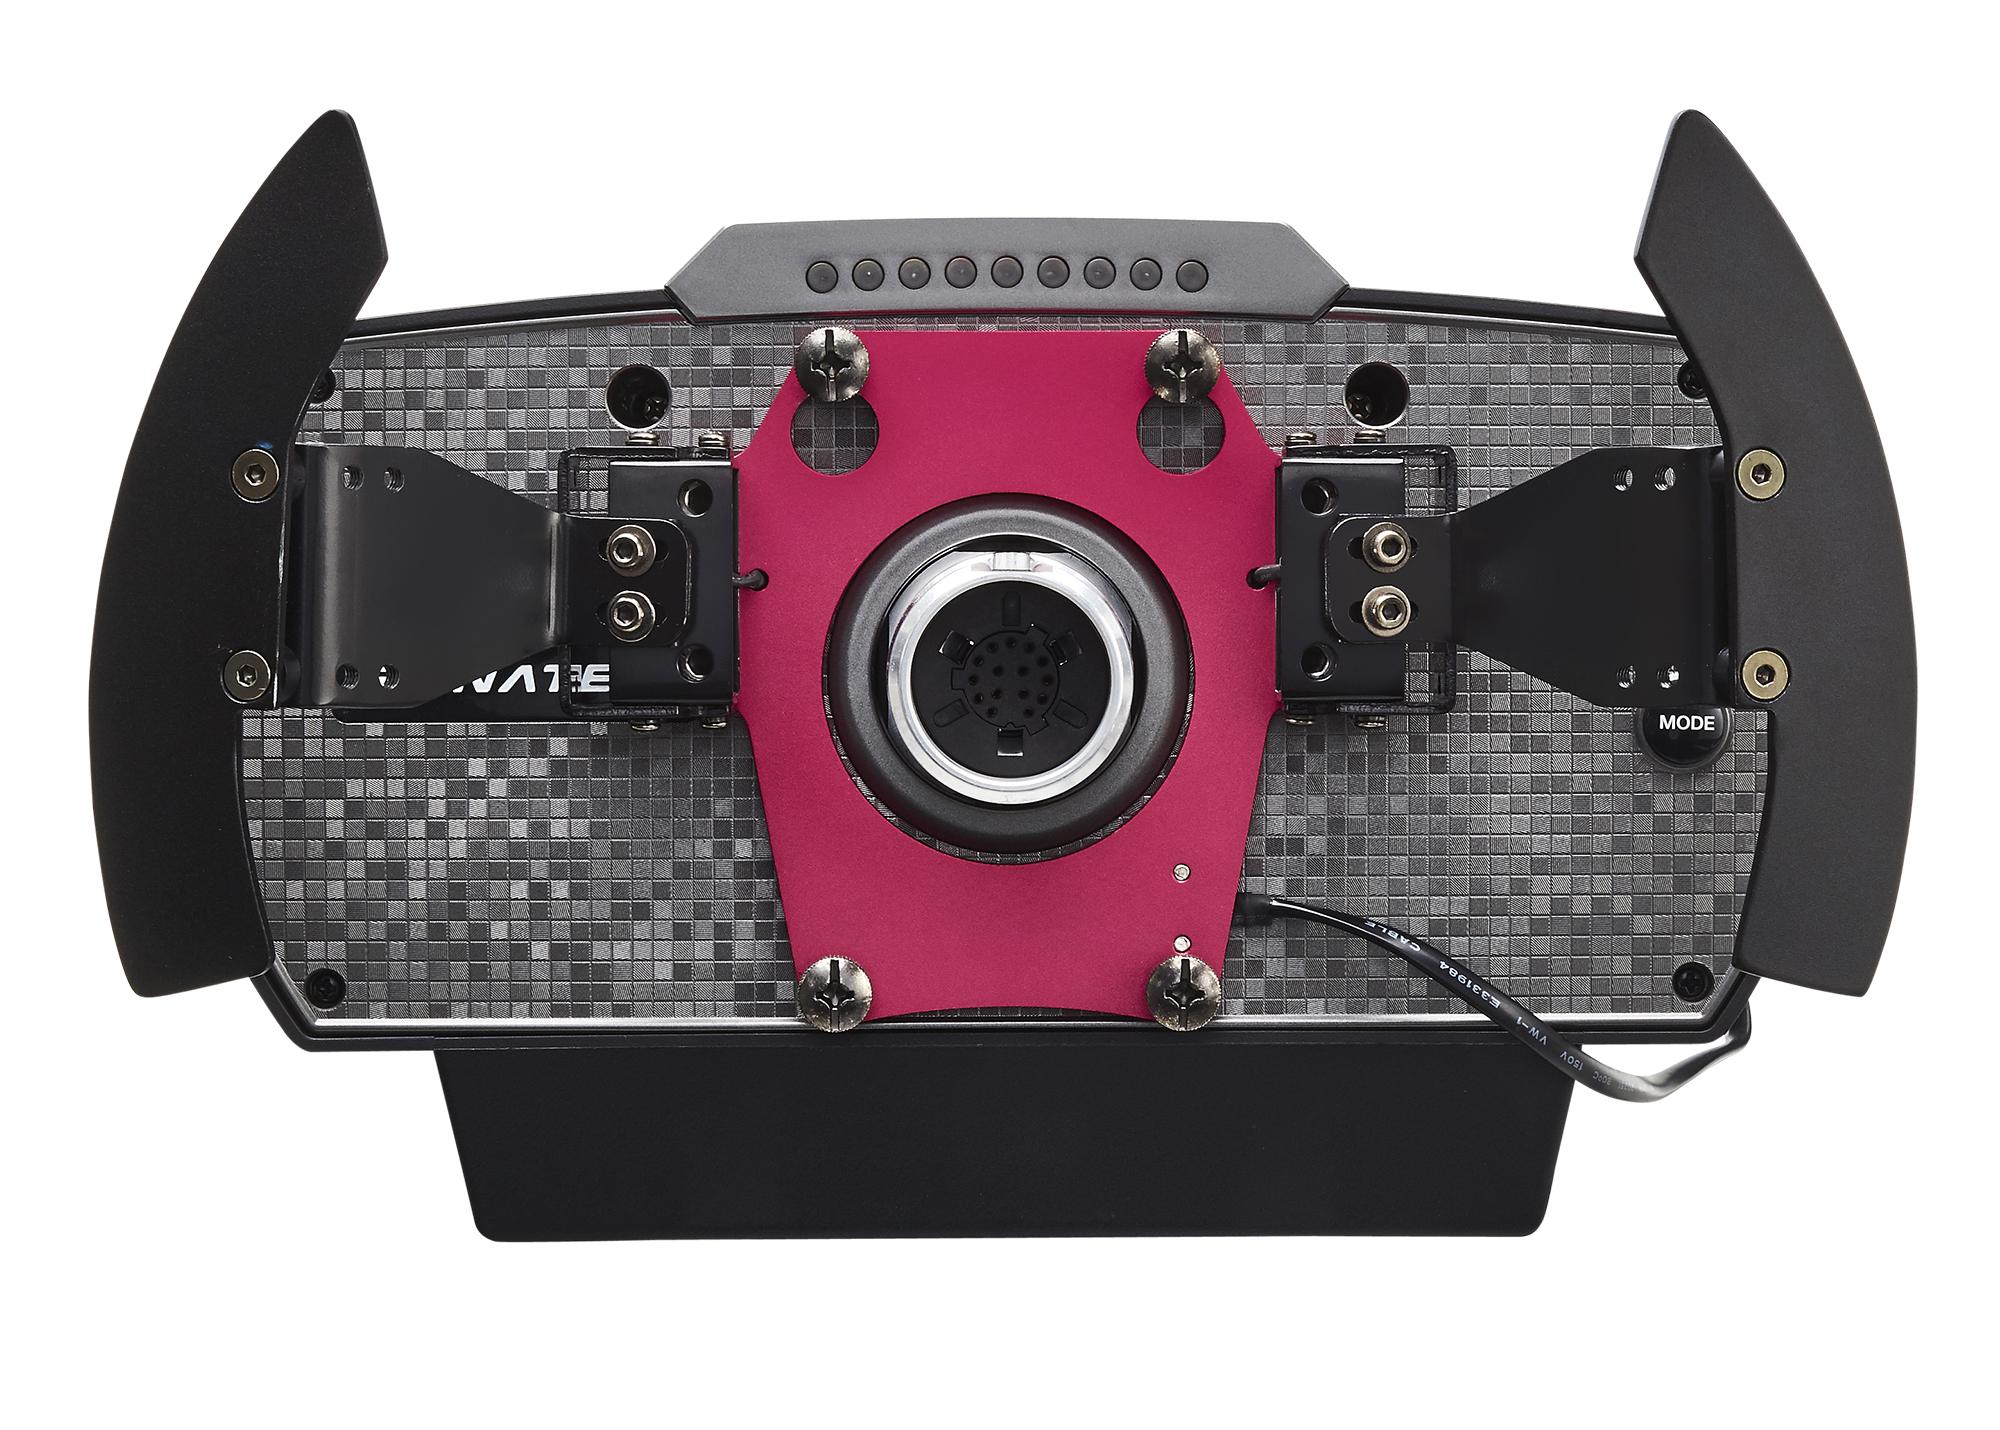 csl-elite-wheel-base-15.jpg